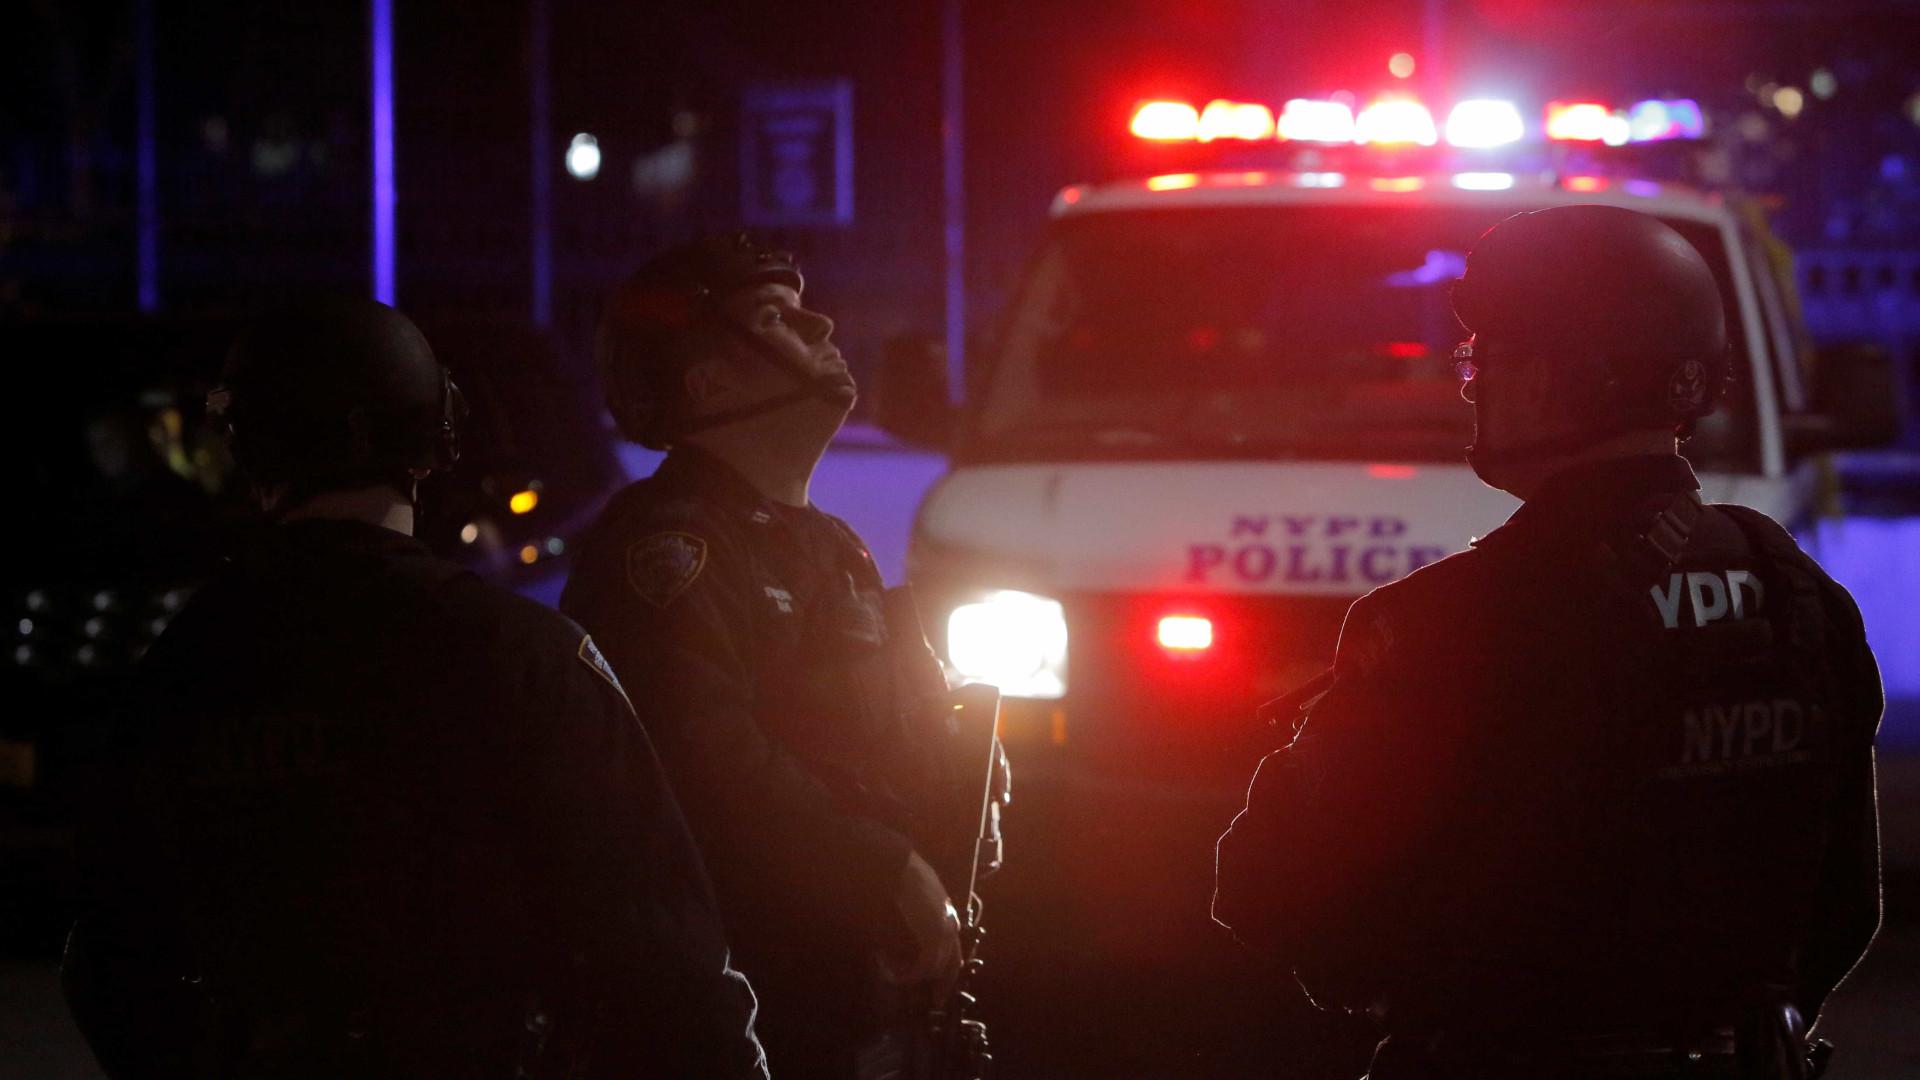 Estado Islâmico assume responsabilidade por ataque terrorista em Nova York